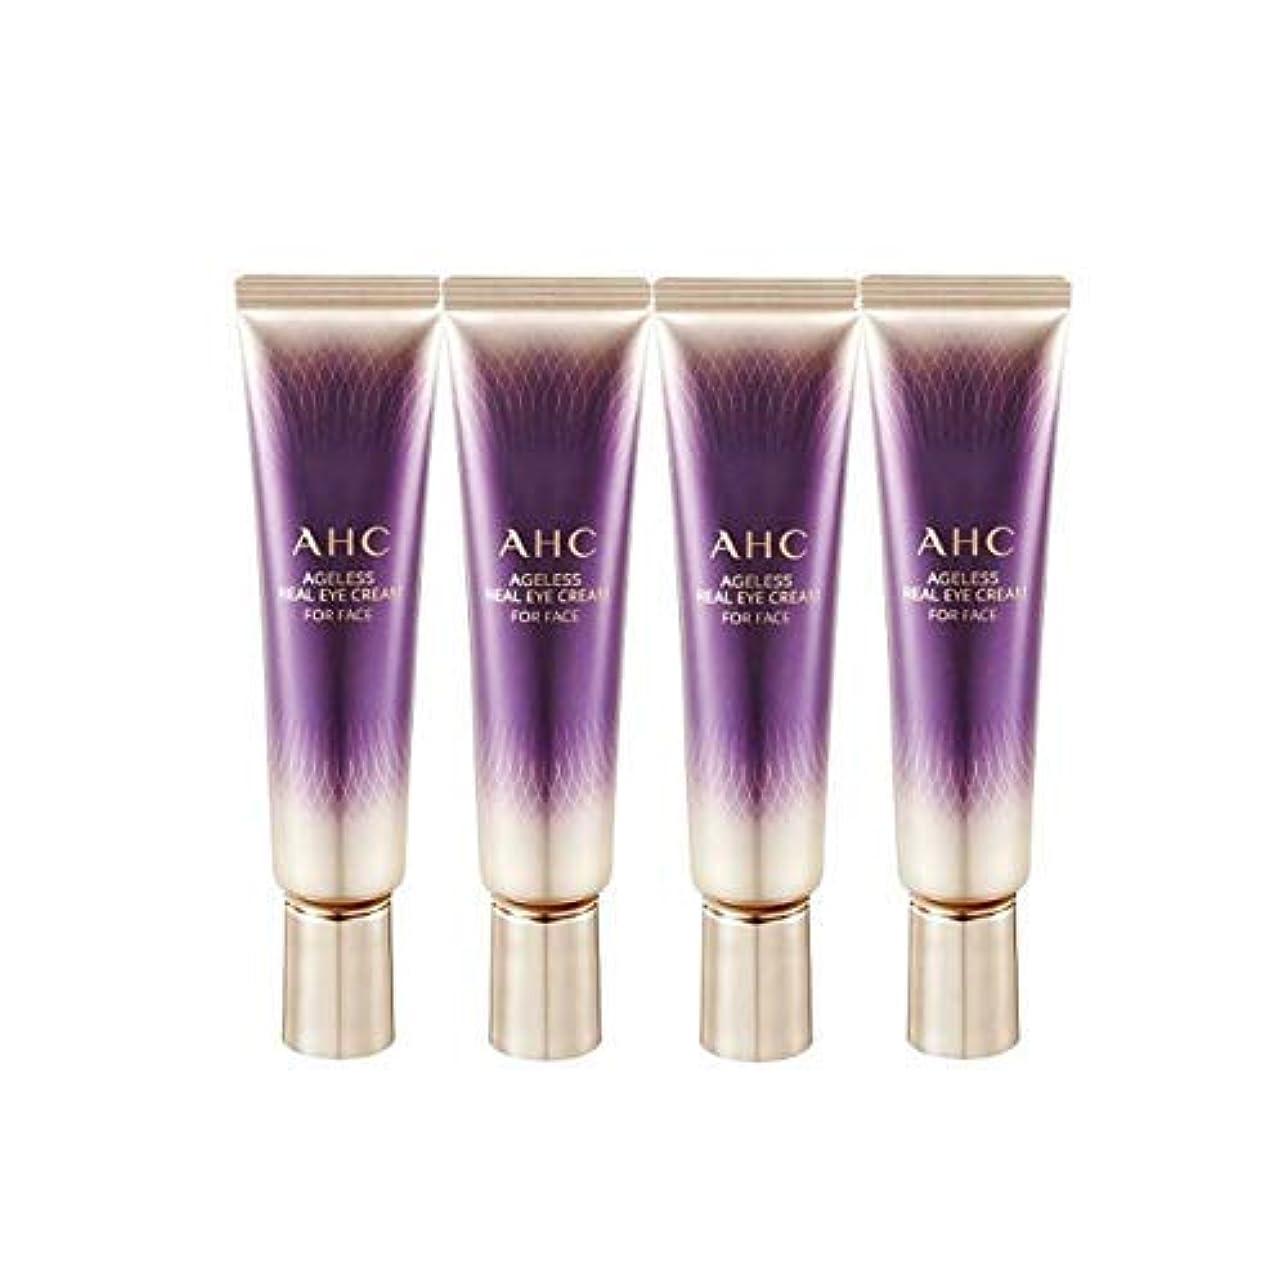 月曜手書き立ち寄るAHC 2019 New Season 7 Ageless Real Eye Cream for Face 1 Fl Oz 30ml x 4 Anti-Wrinkle Brightness Contains Collagen